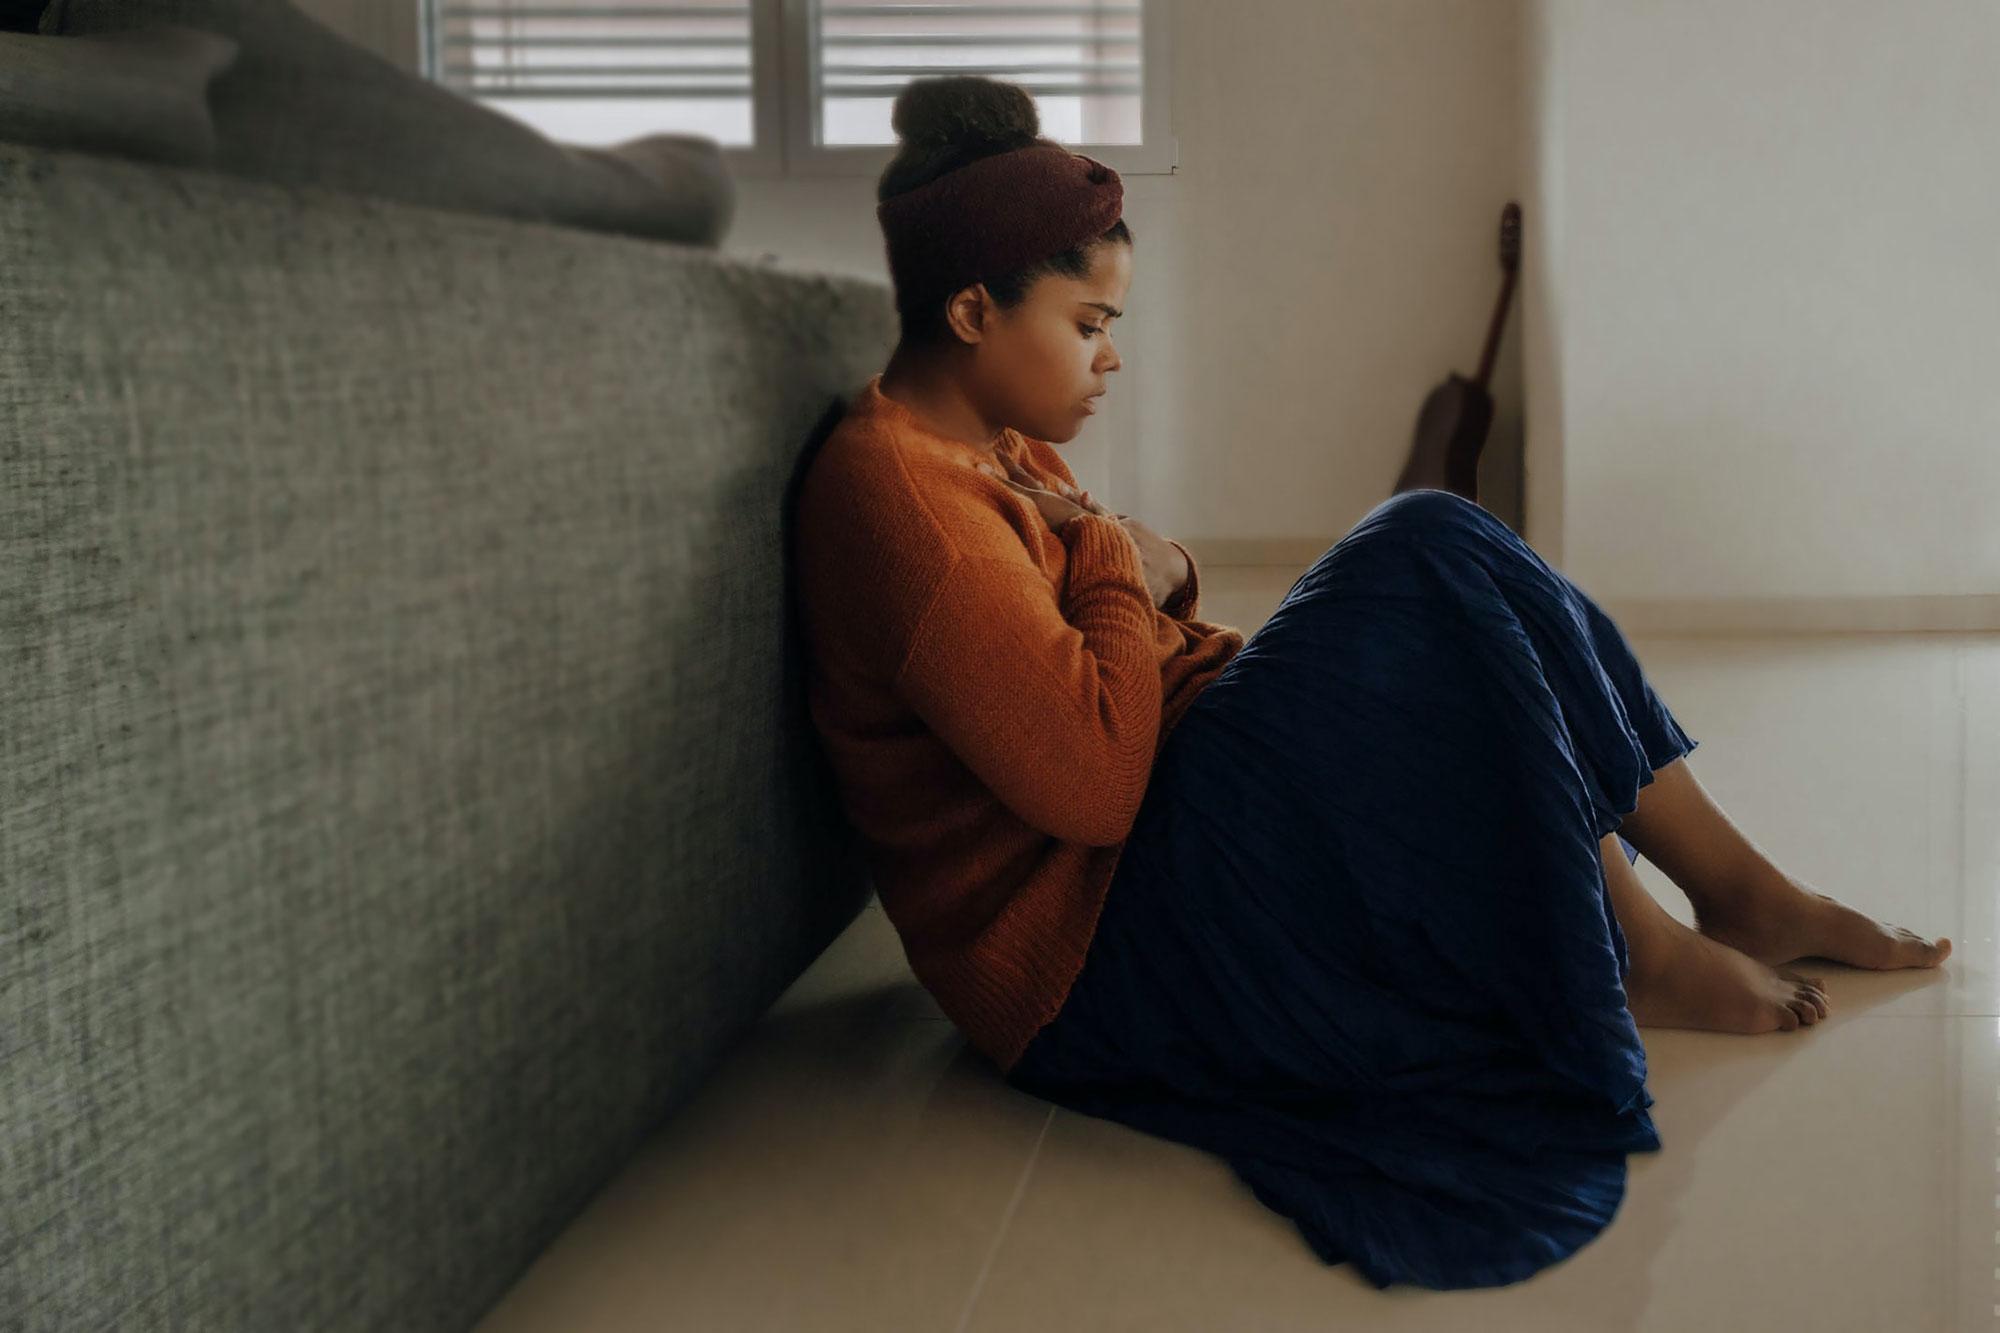 Anxiété, troubles anxieux, attaque de panique : définition et symptômes